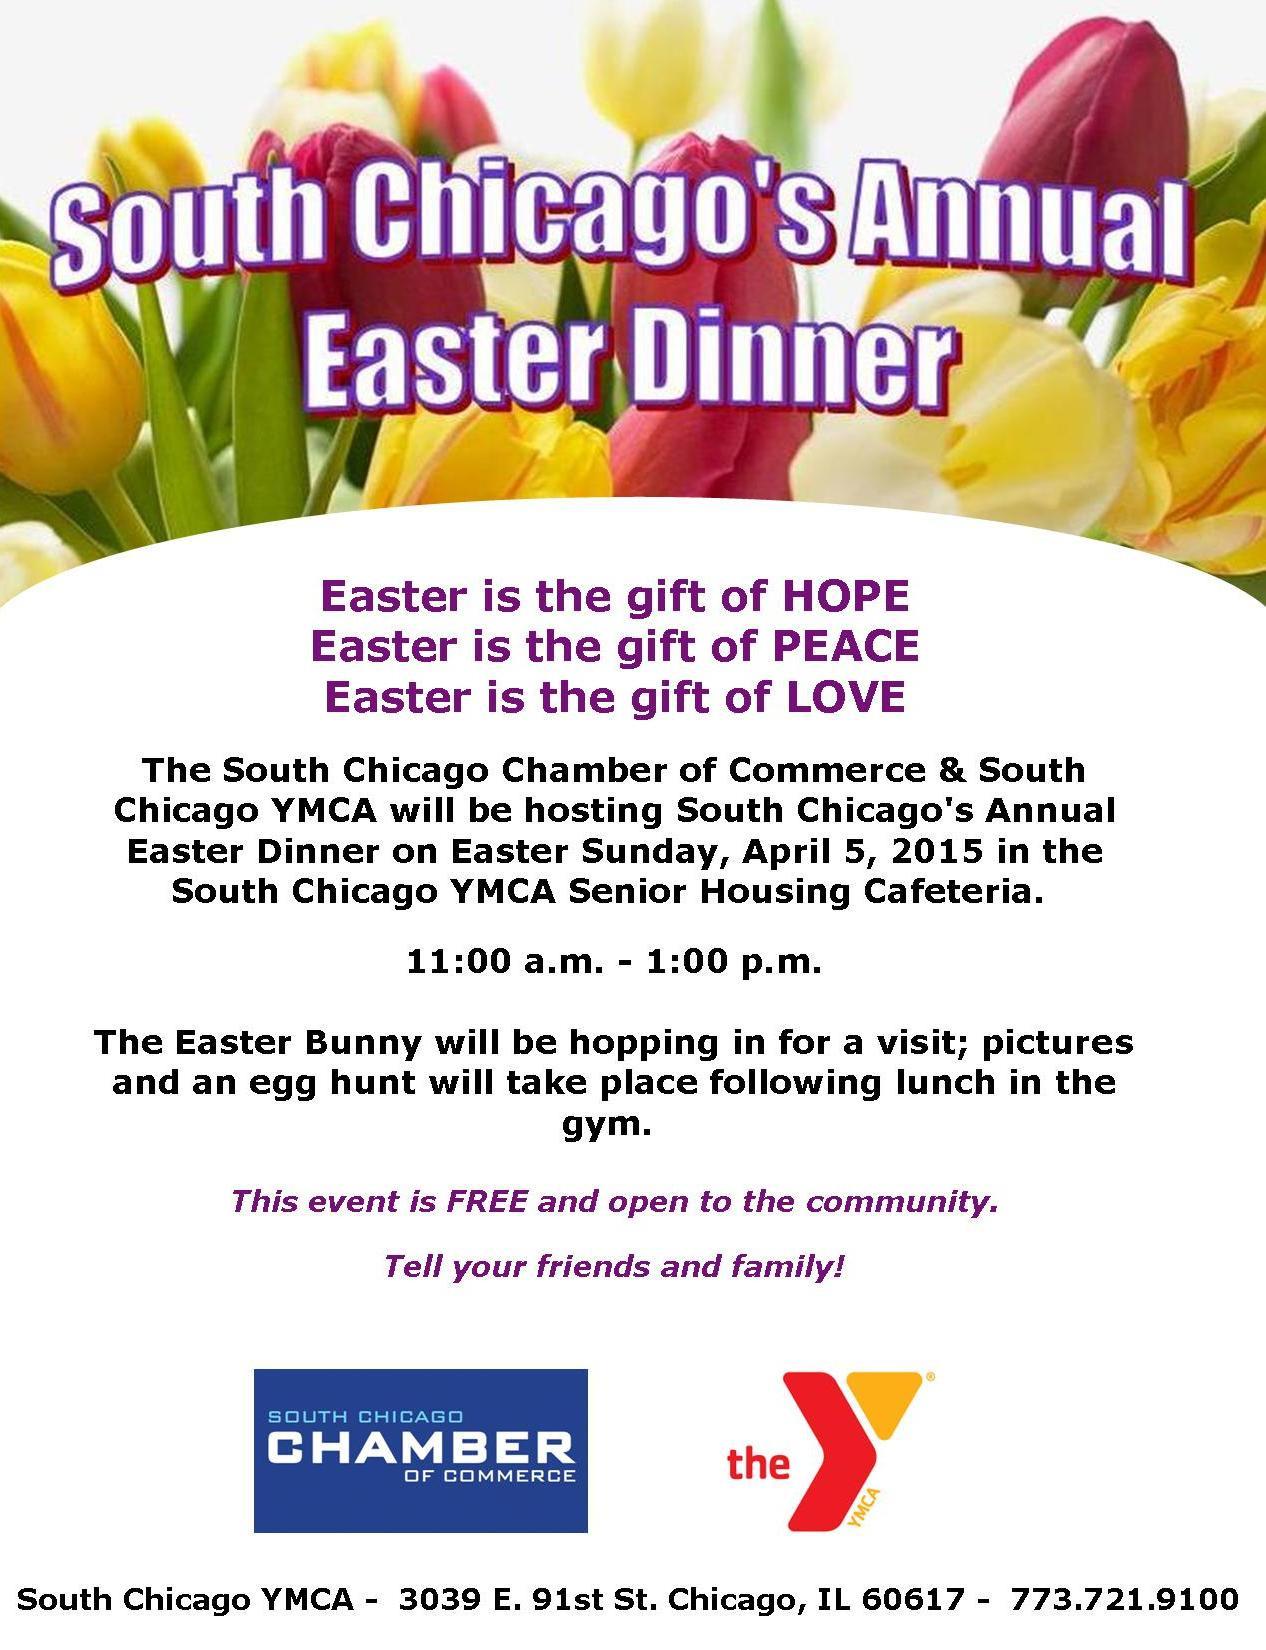 Easter Dinner Chicago  South Chicago munity Easter Dinner